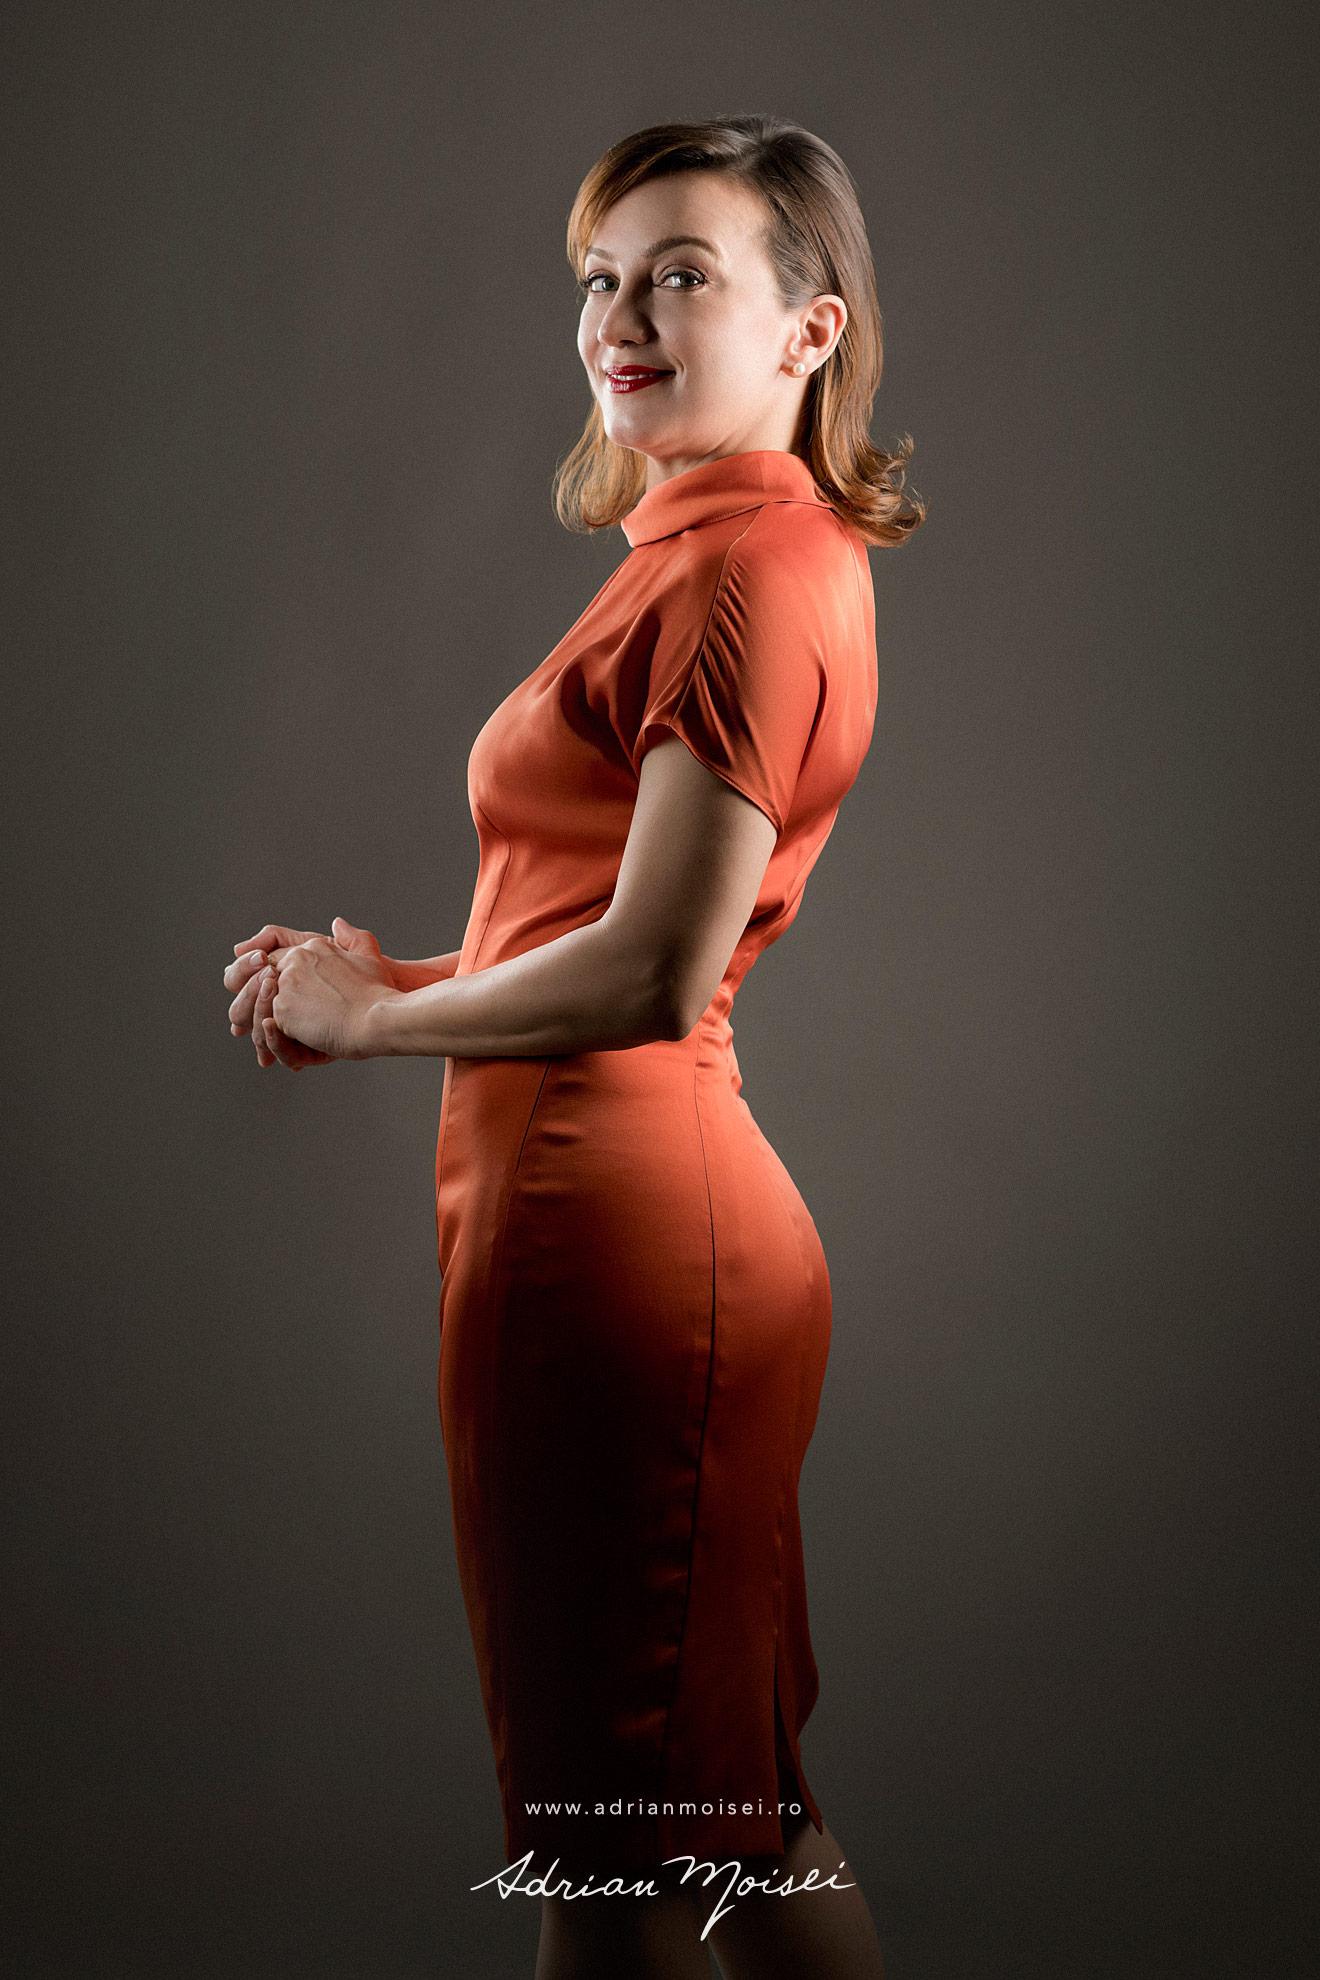 Fotograf portret Iasi, fotograf fashion Iasi, studio foto Adrian Moisei